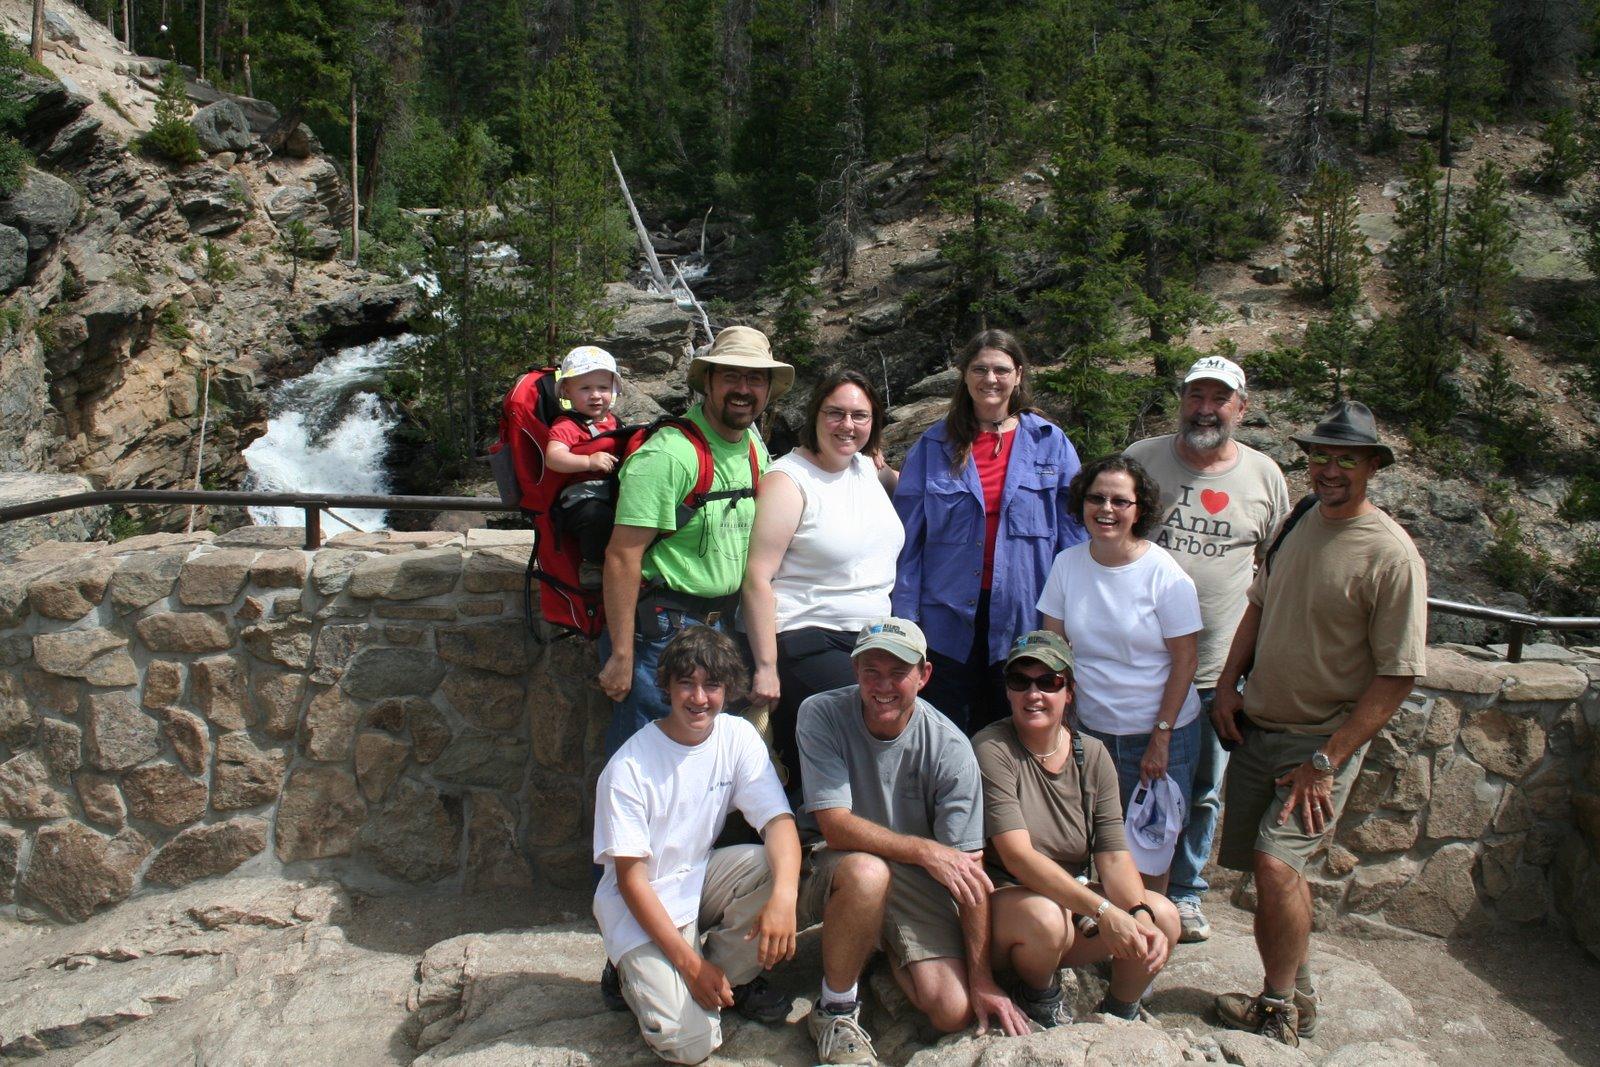 We hiked to Adams Falls near Grand Lake